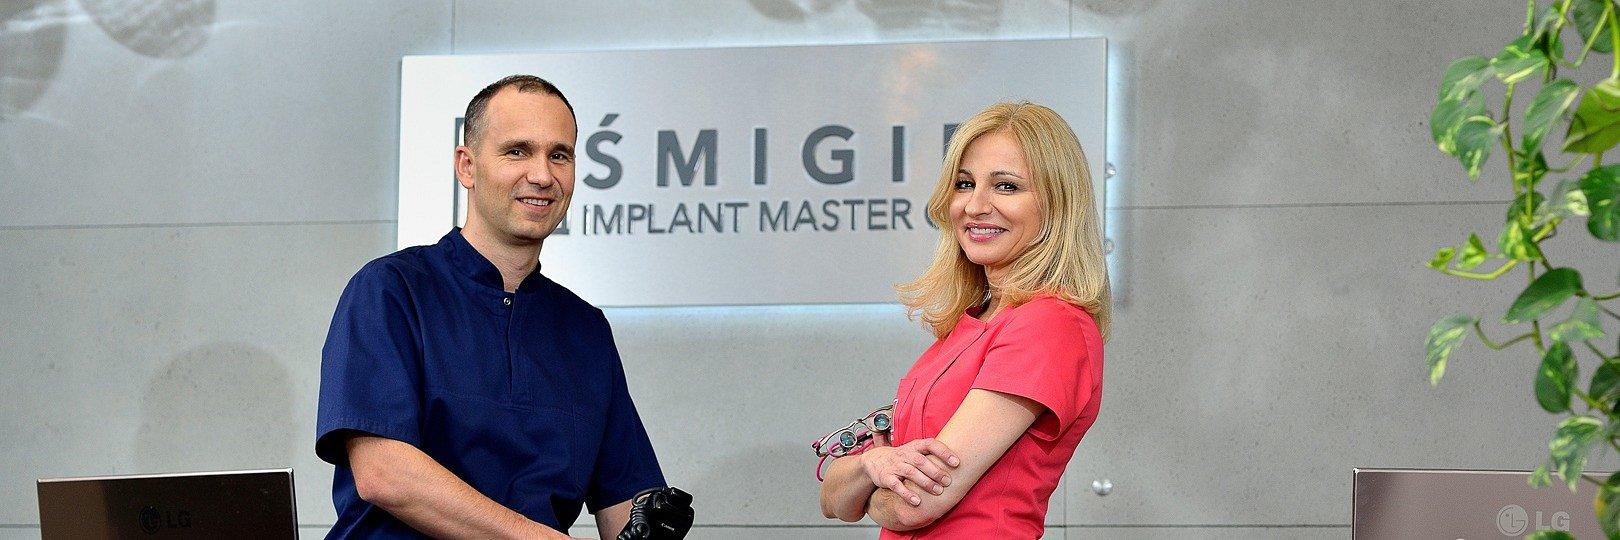 Medicover Stomatologia rozpoczyna współpracę ze Śmigiel Implant Master Clinic z Katowic